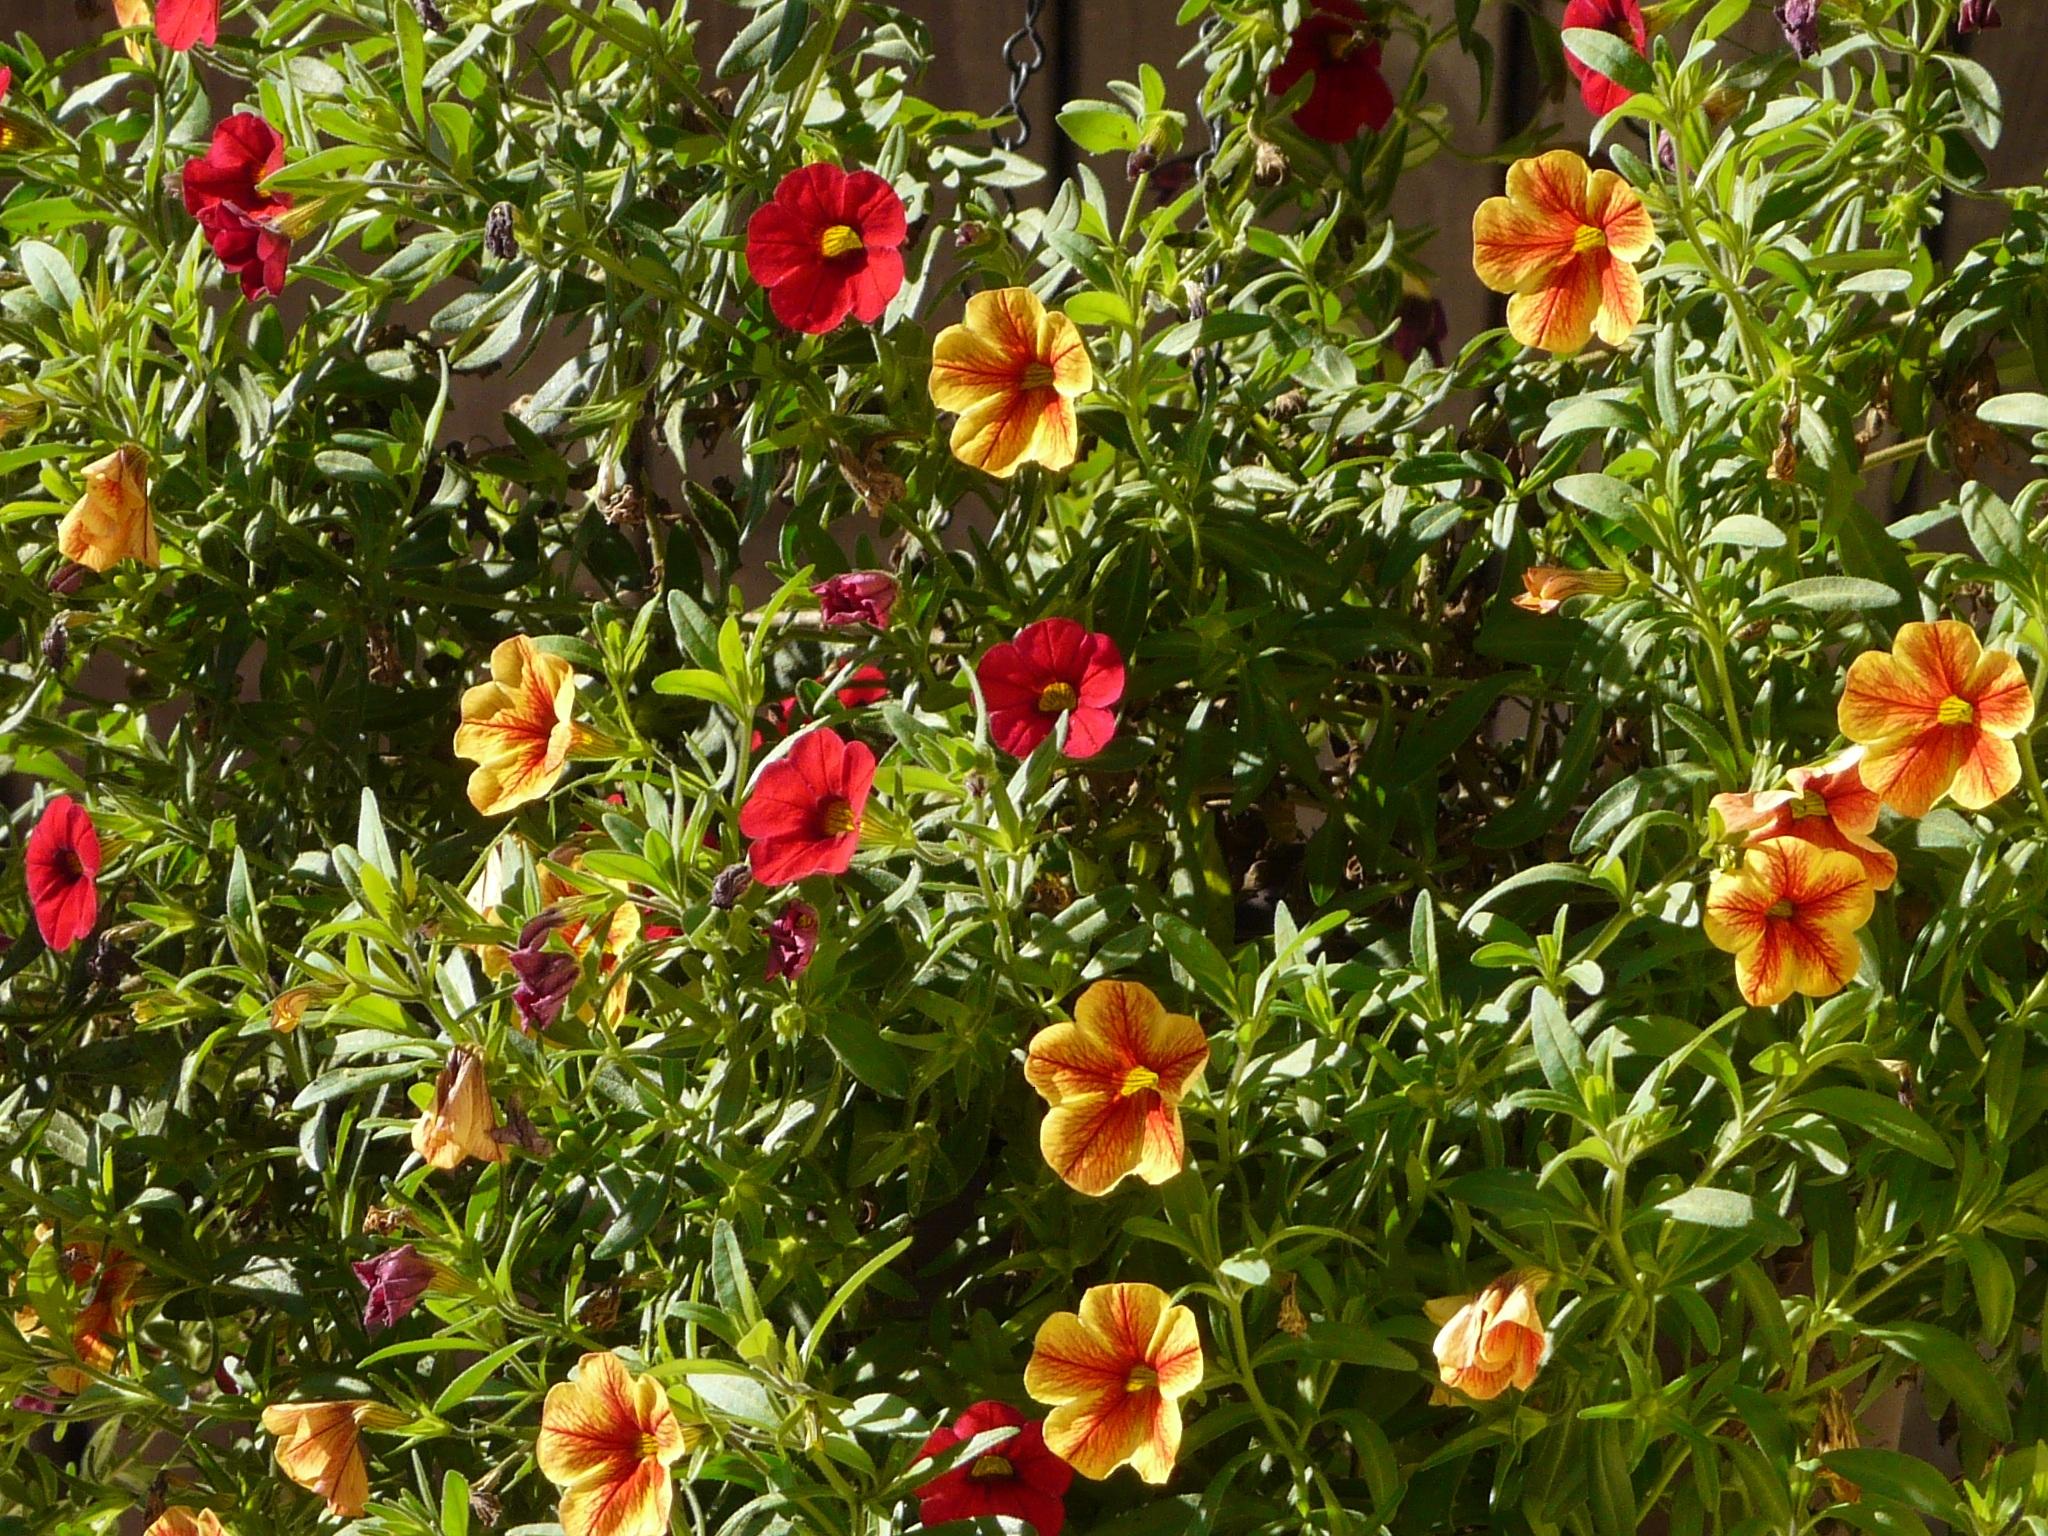 Tuinieren Op Balkon : Gratis afbeeldingen fabriek balkon plantkunde geel tuin